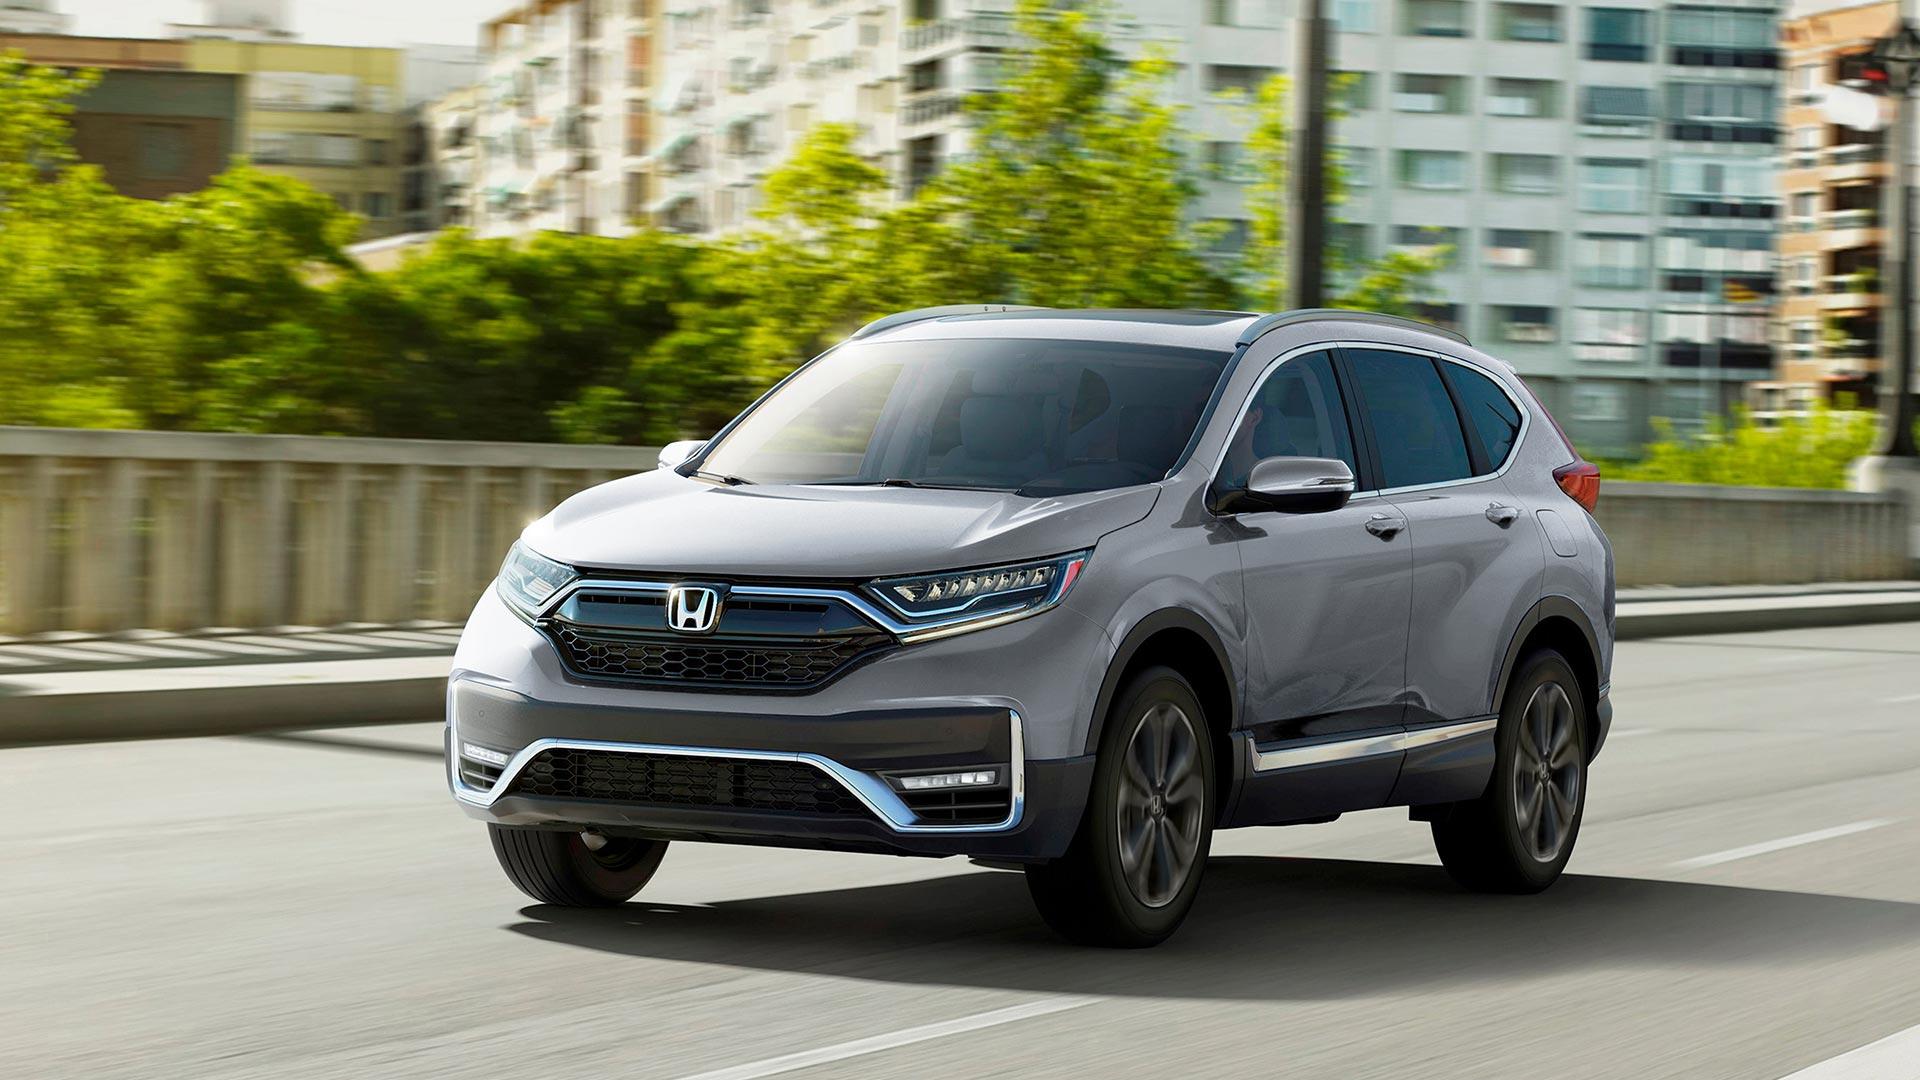 Gray 2021 Honda CR-V SUV